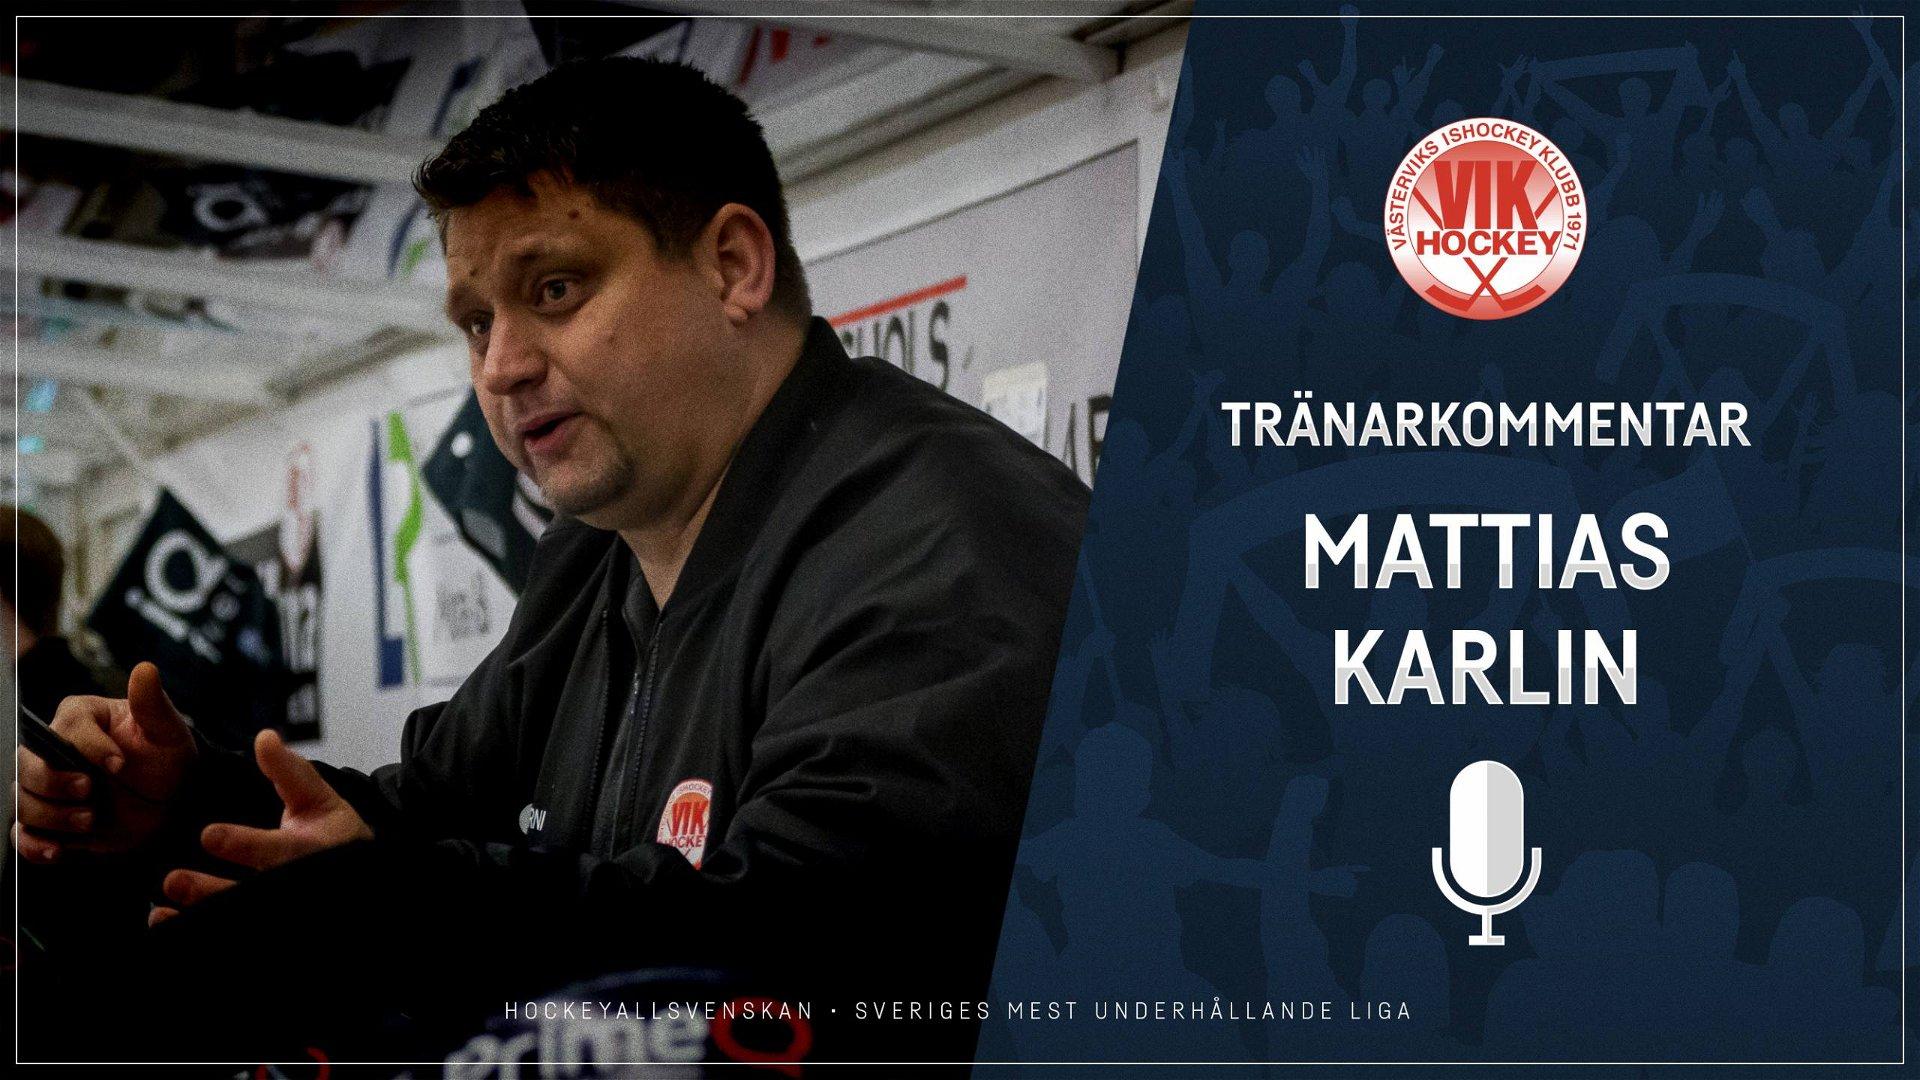 2021-02-21 Segerintervju: Mattias Karlin